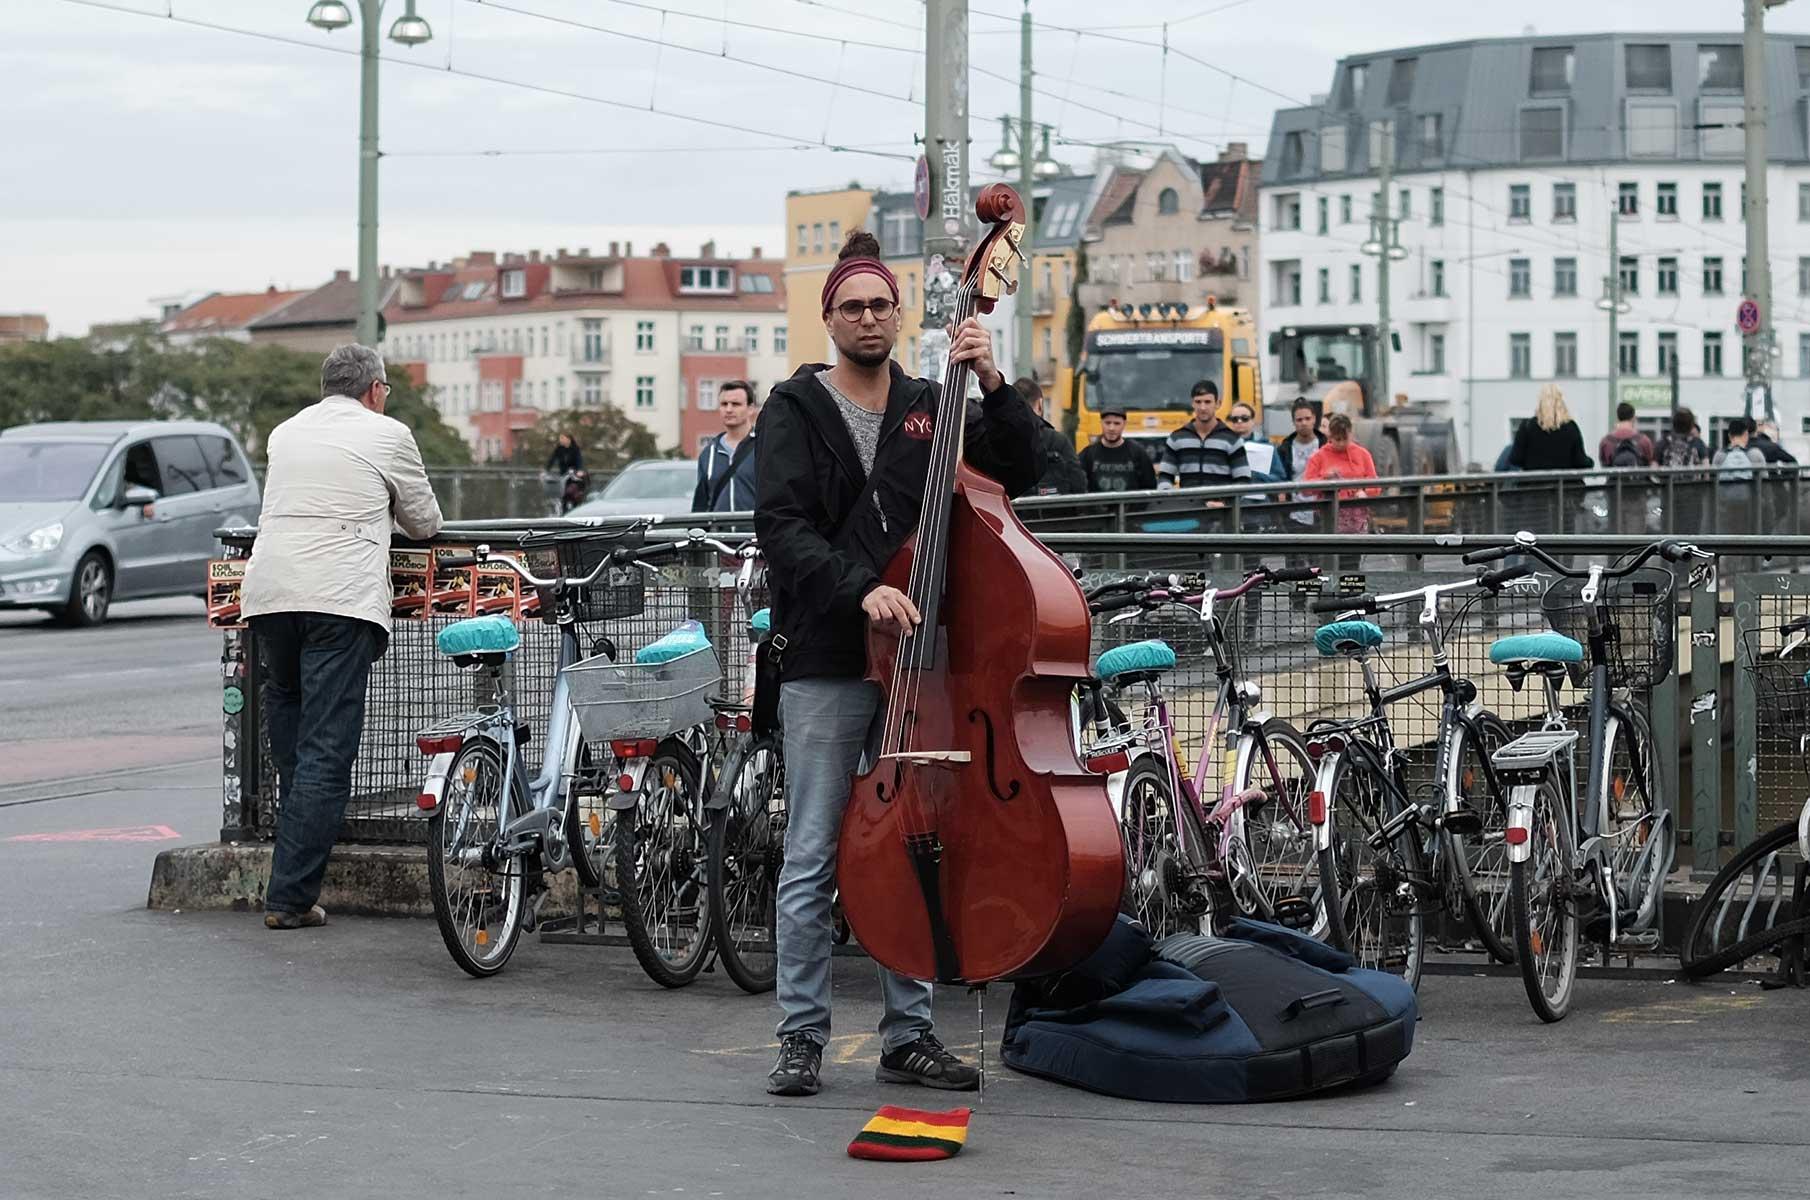 Kontrabass Spieler an U-Bahn Station in Berlin